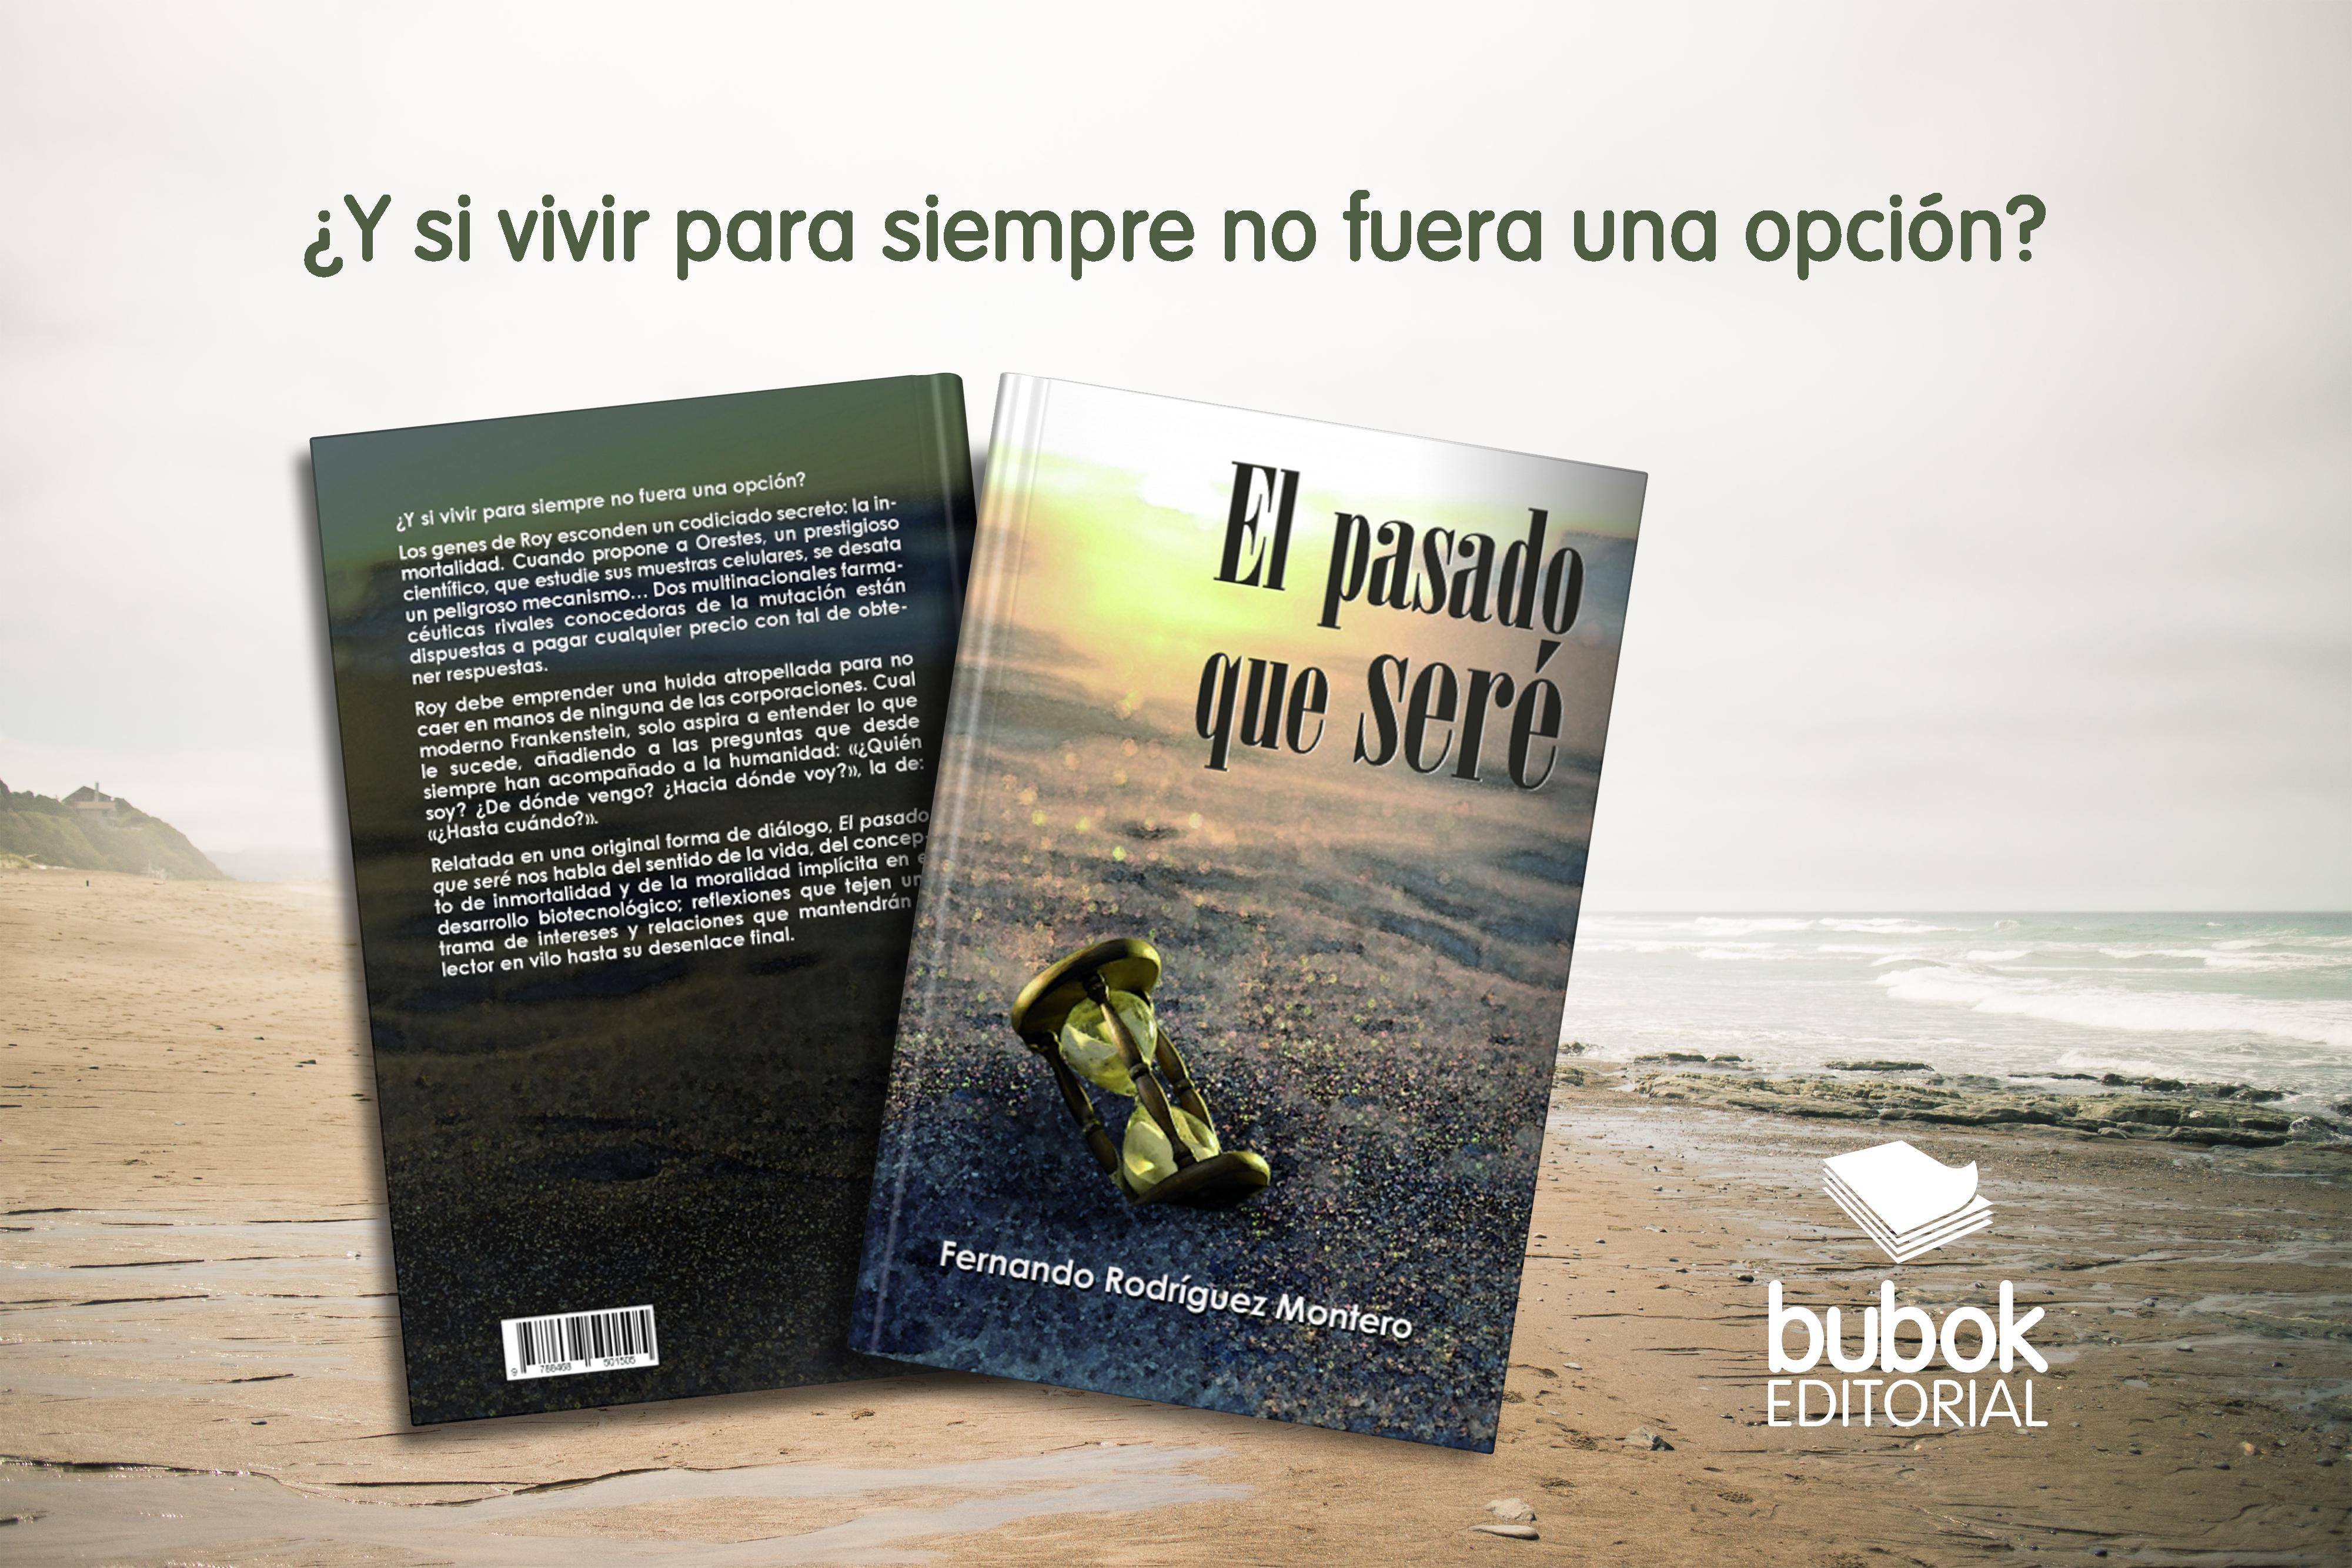 El pasado que seré, lo nuevo de Fernando Rodríguez